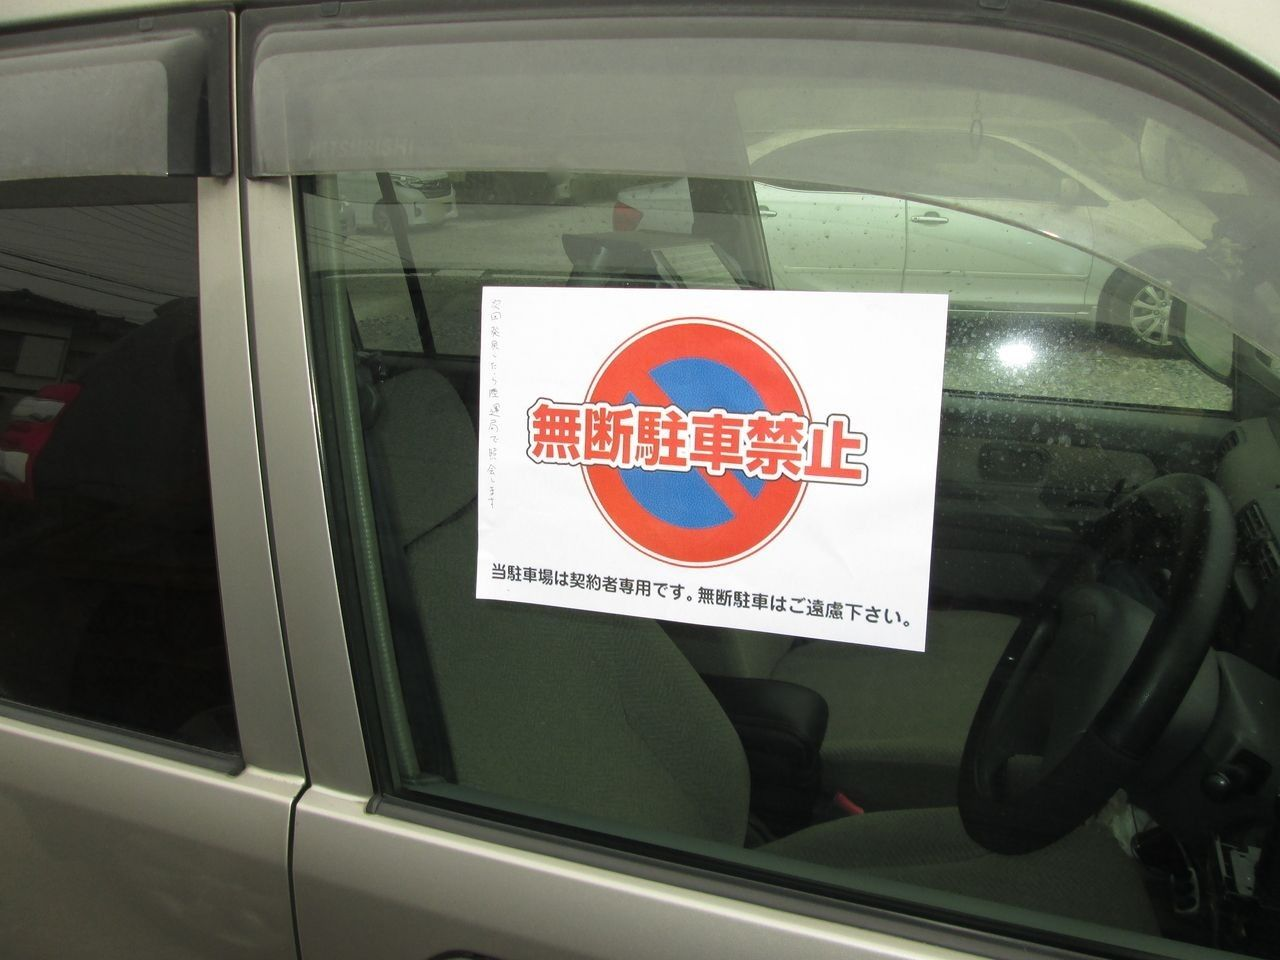 月極駐車場で実際に貼った無断駐車警告文の貼り紙です!